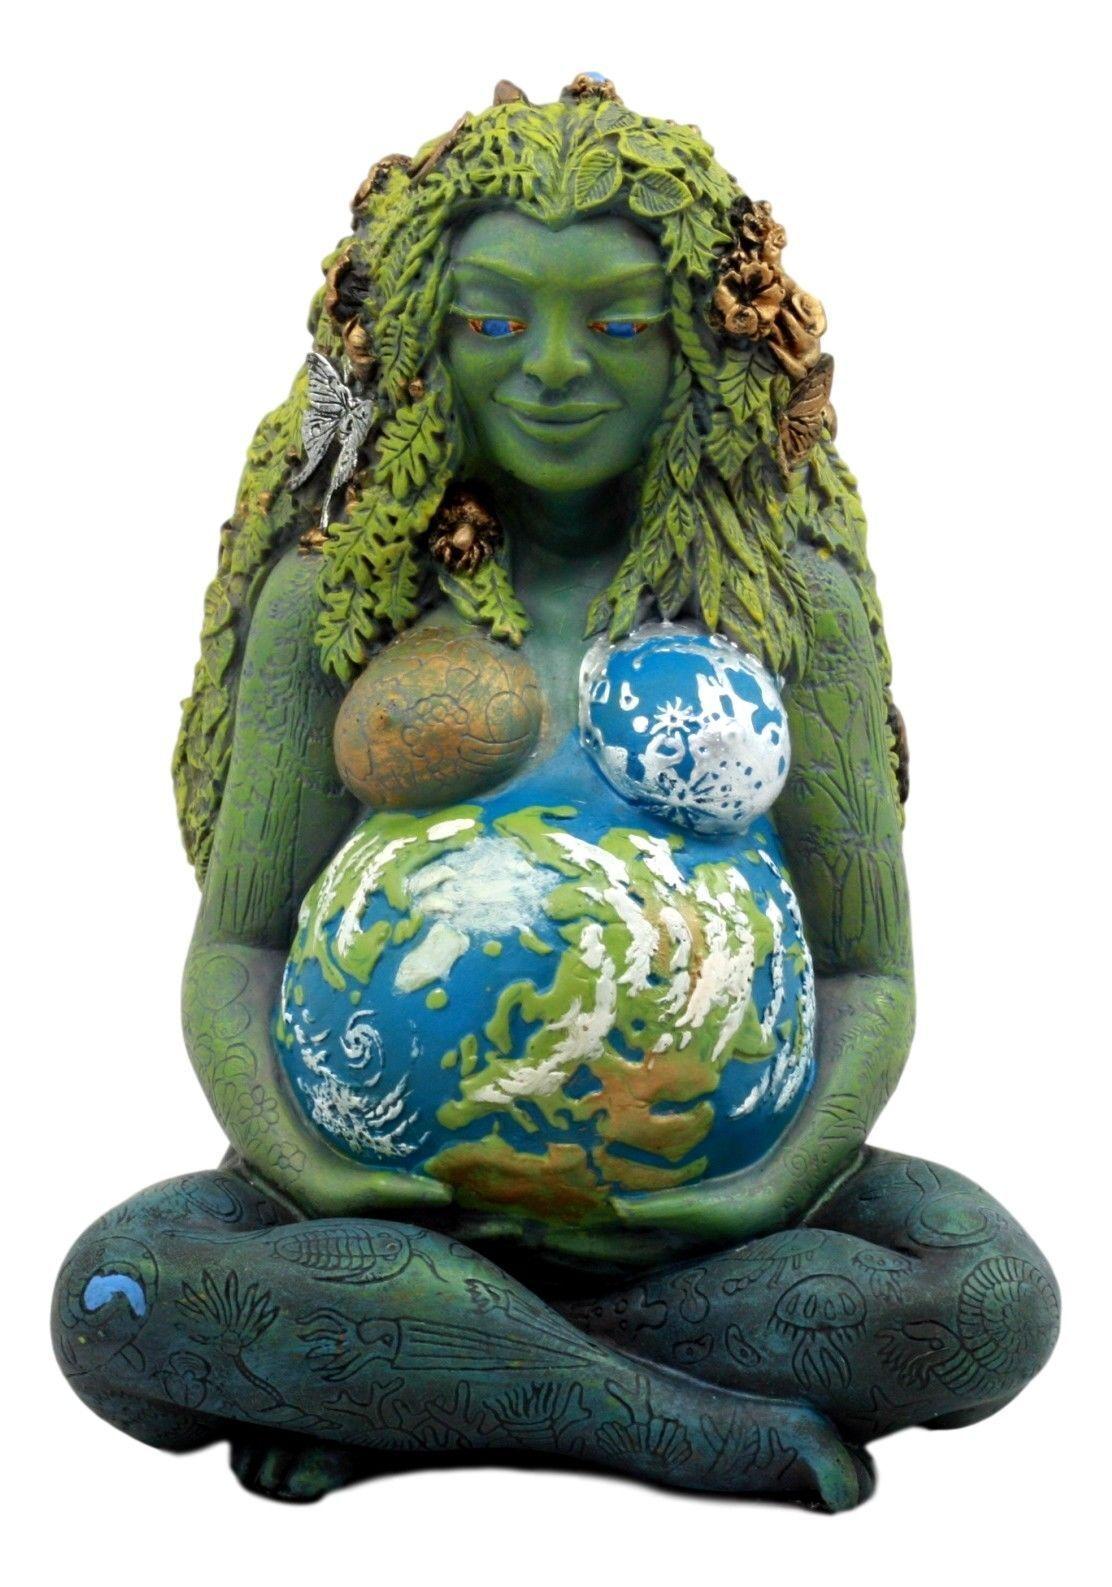 New Millennial Gaia - Mother Earth Goddess Statue by Oberon Zell - Grün Woman